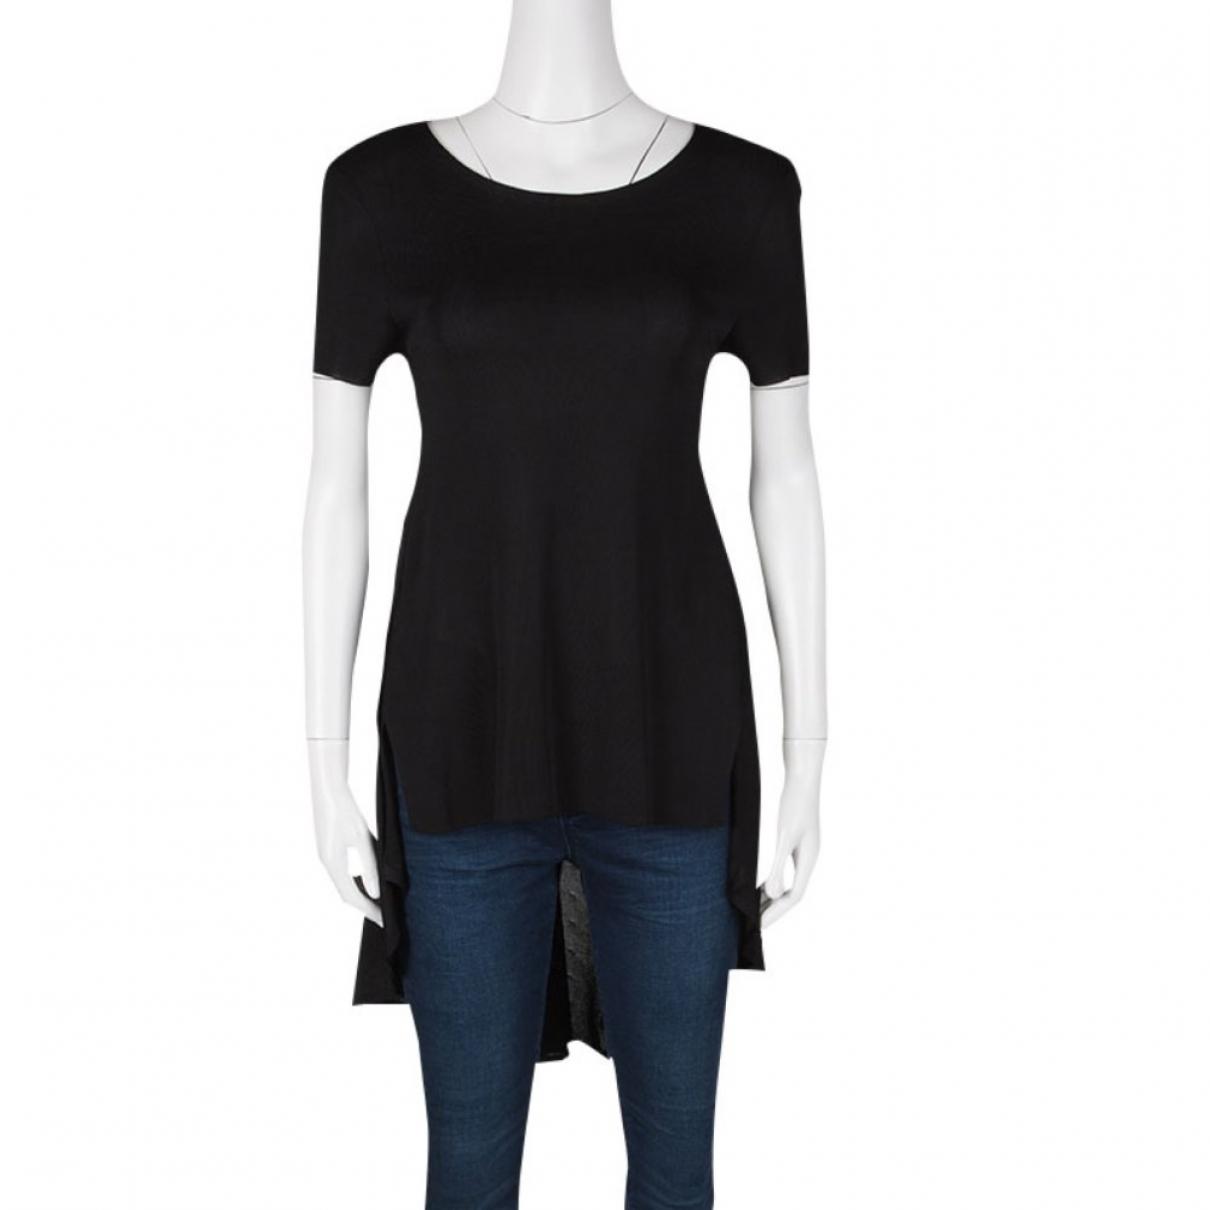 Dior - Top   pour femme - noir